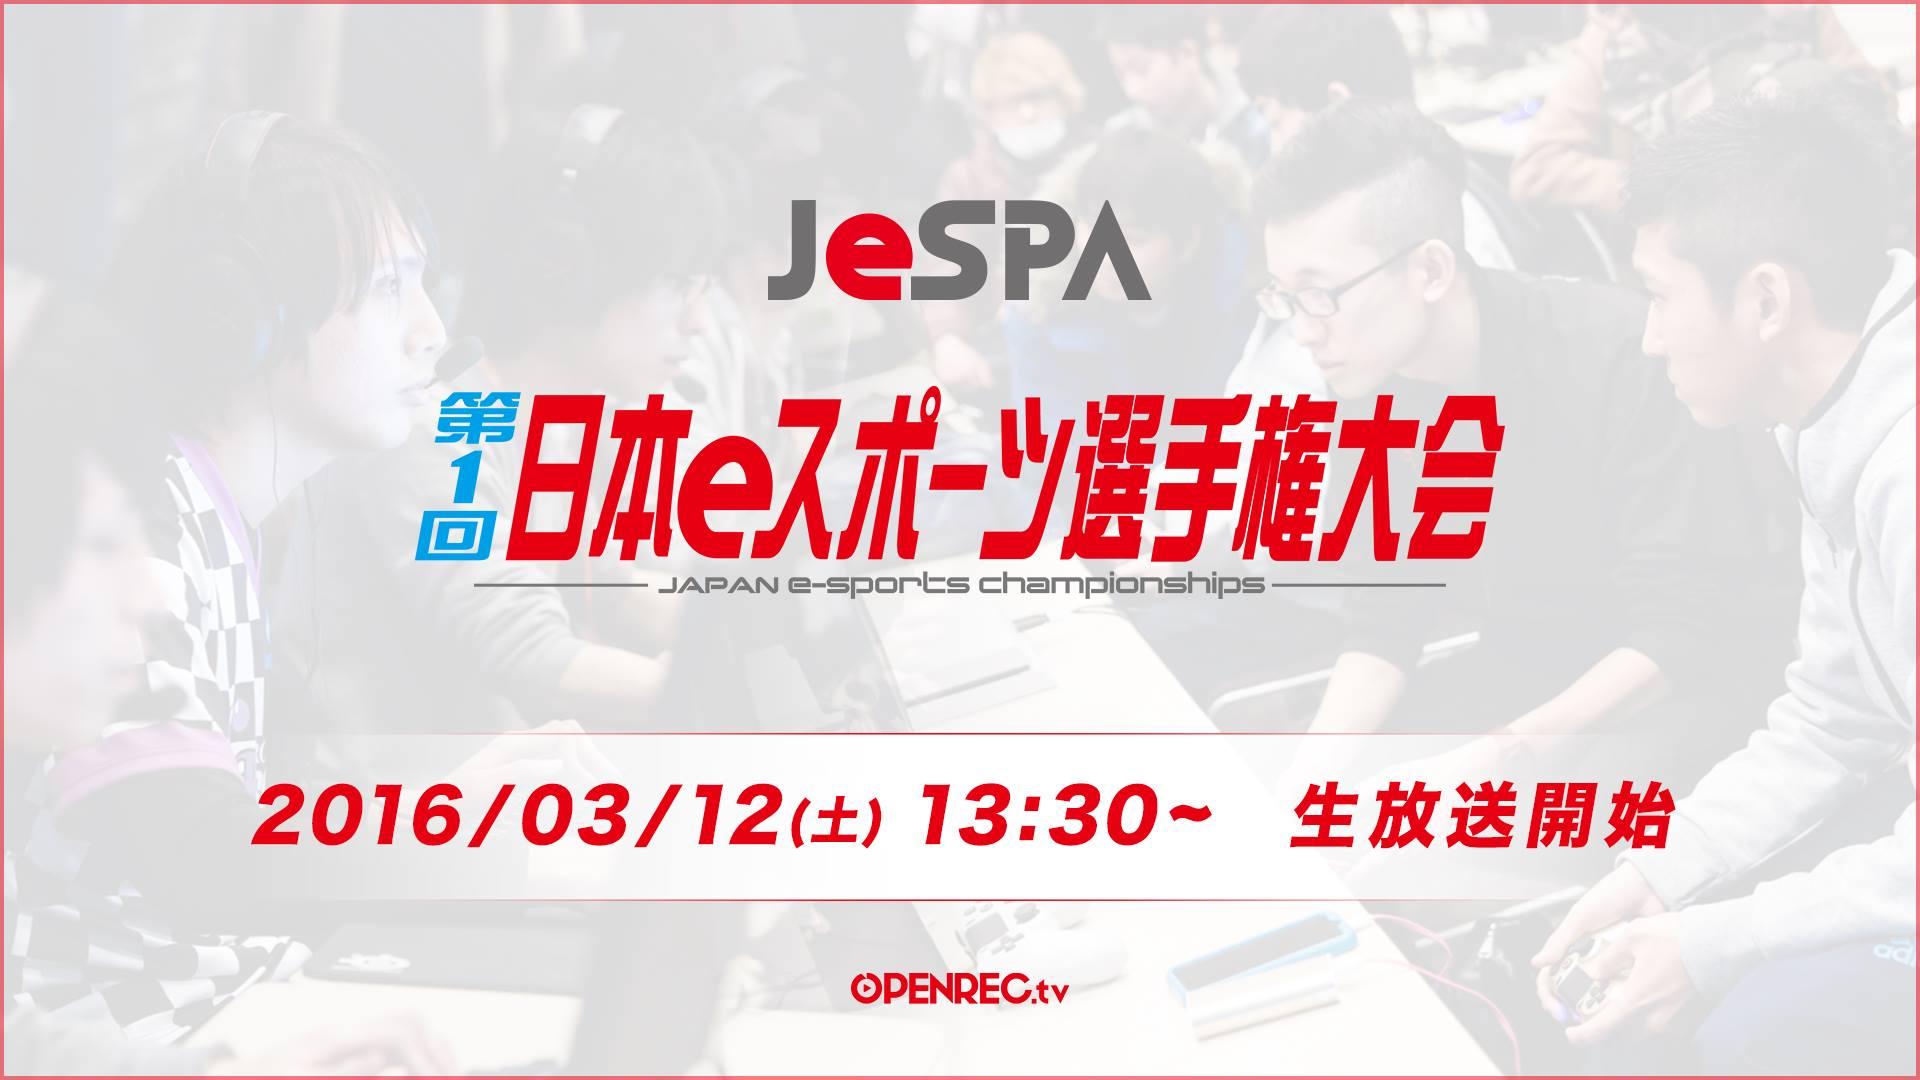 3月13日(日) JeSPA主催 第1回 日本eスポーツ選手権大会 決勝をOPENREC.tvで配信!